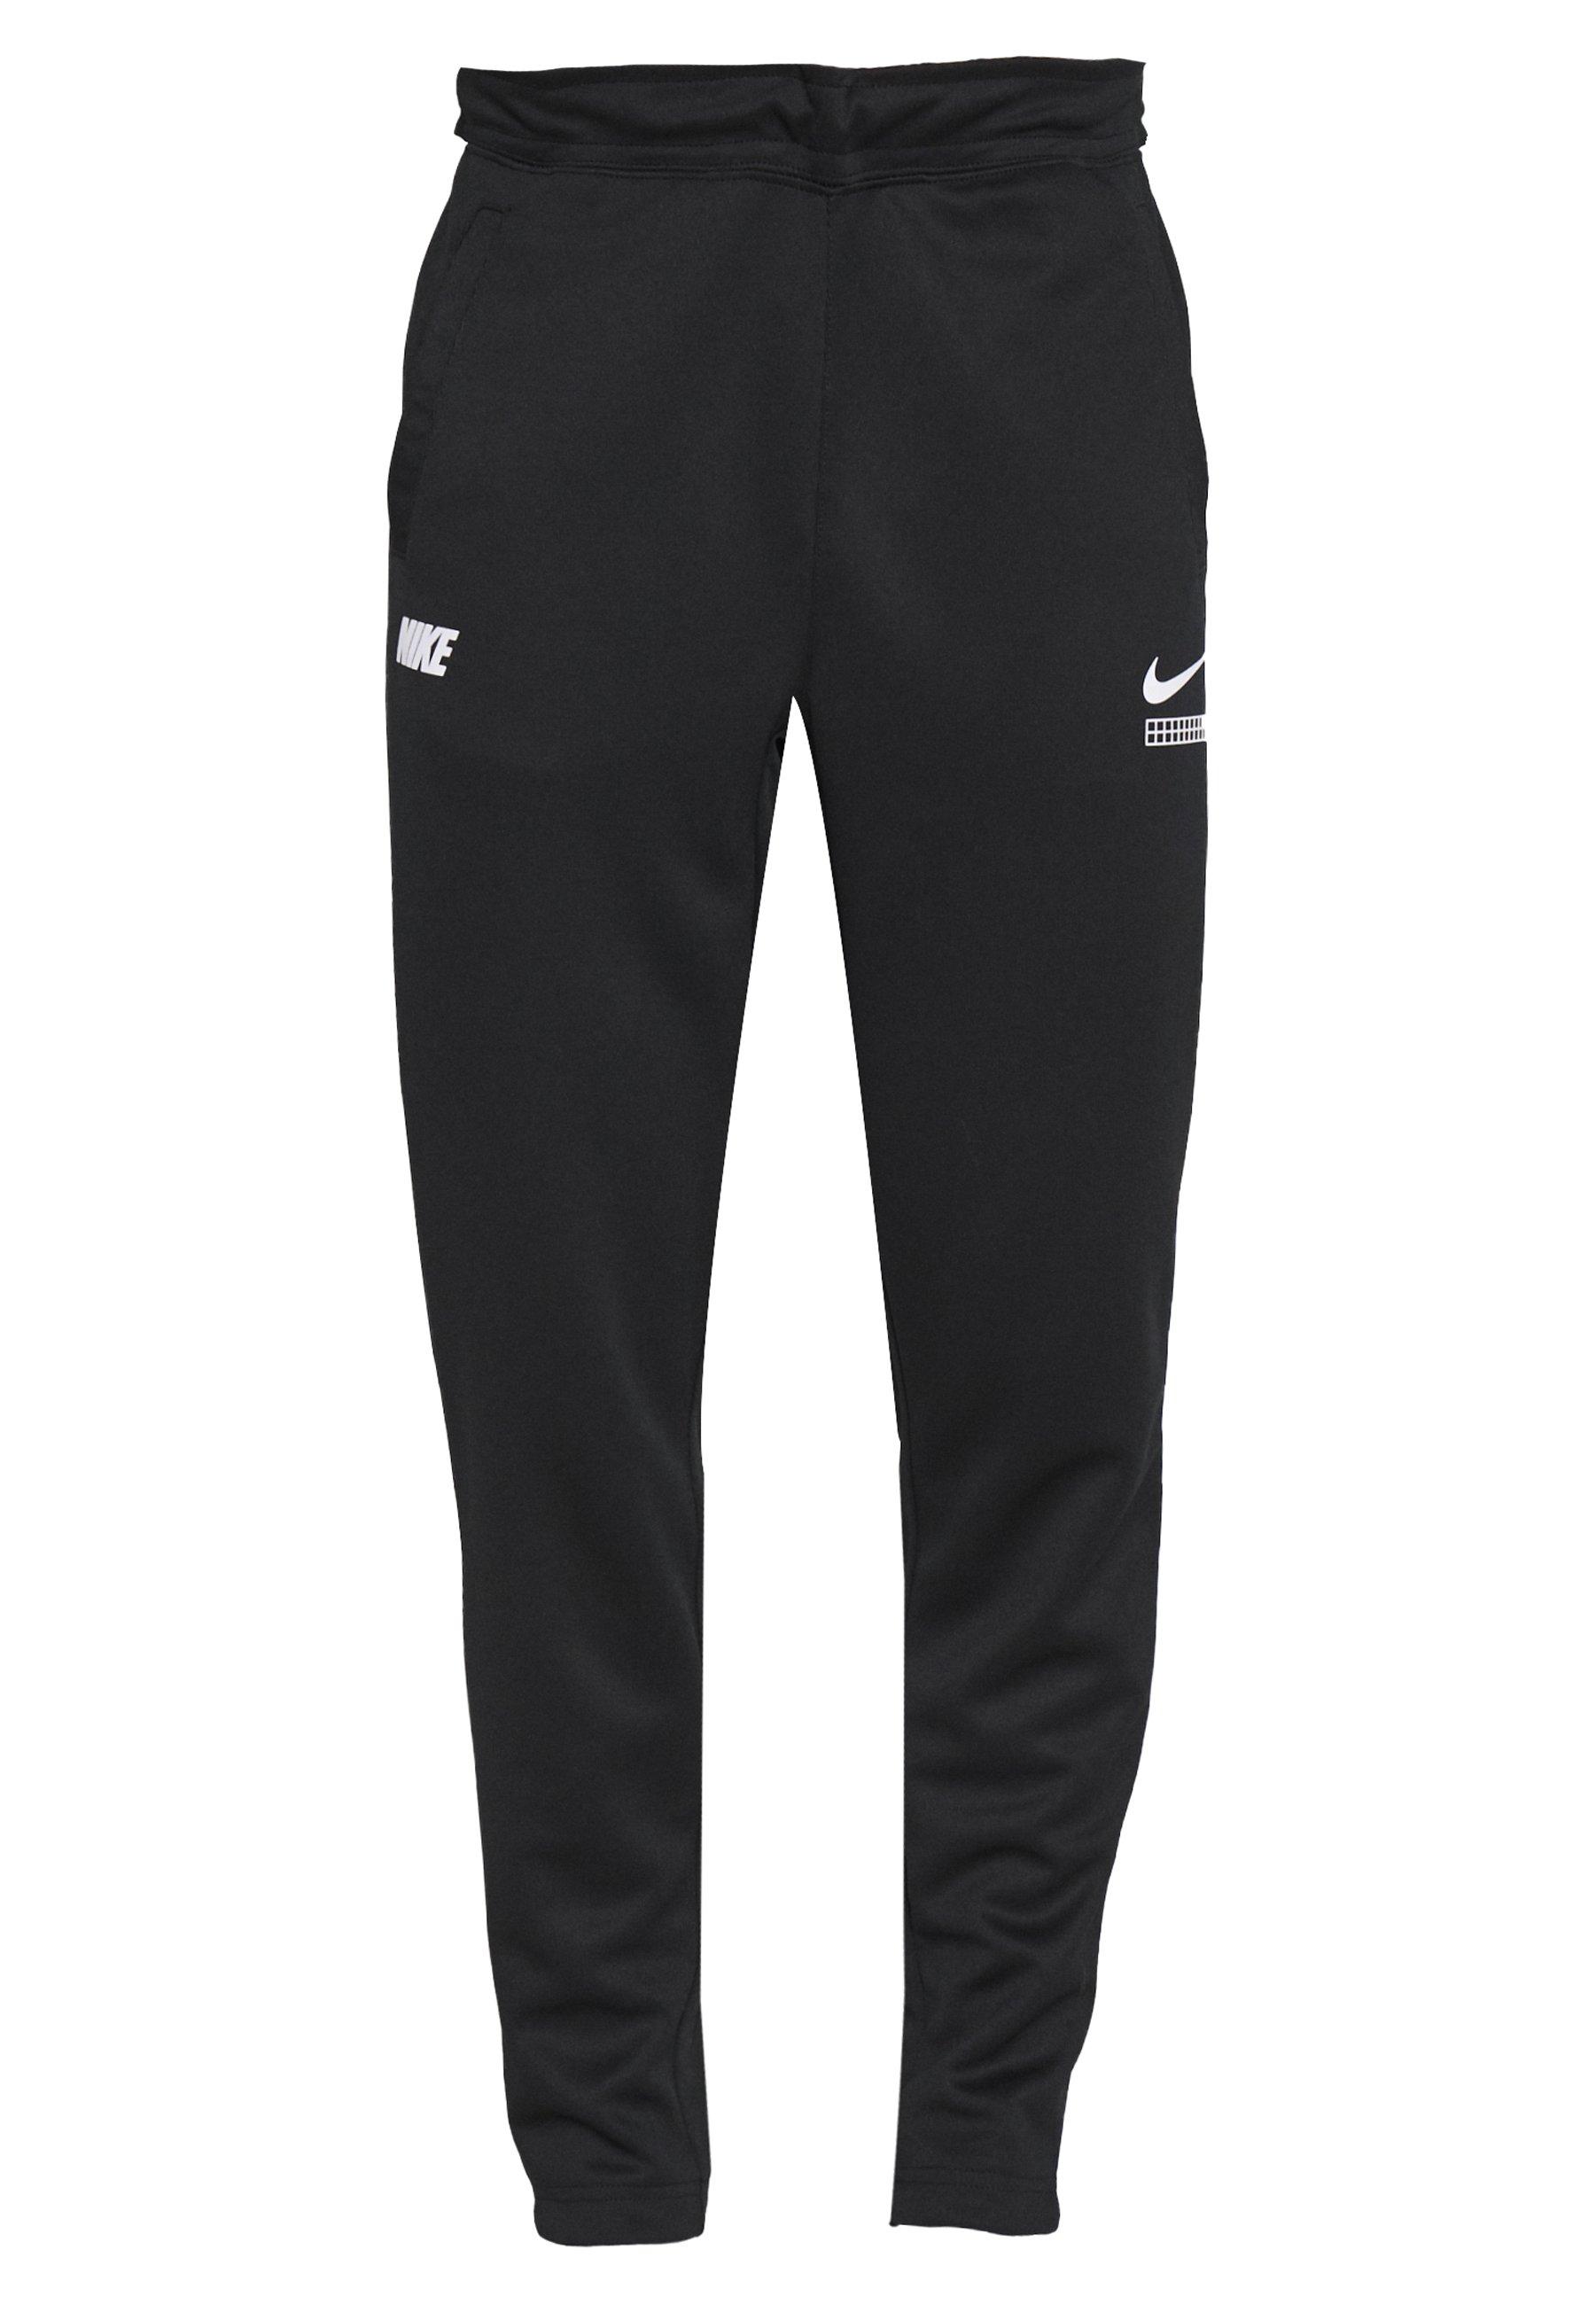 PANT Pantalon de survêtement blacklight smoke greywhite